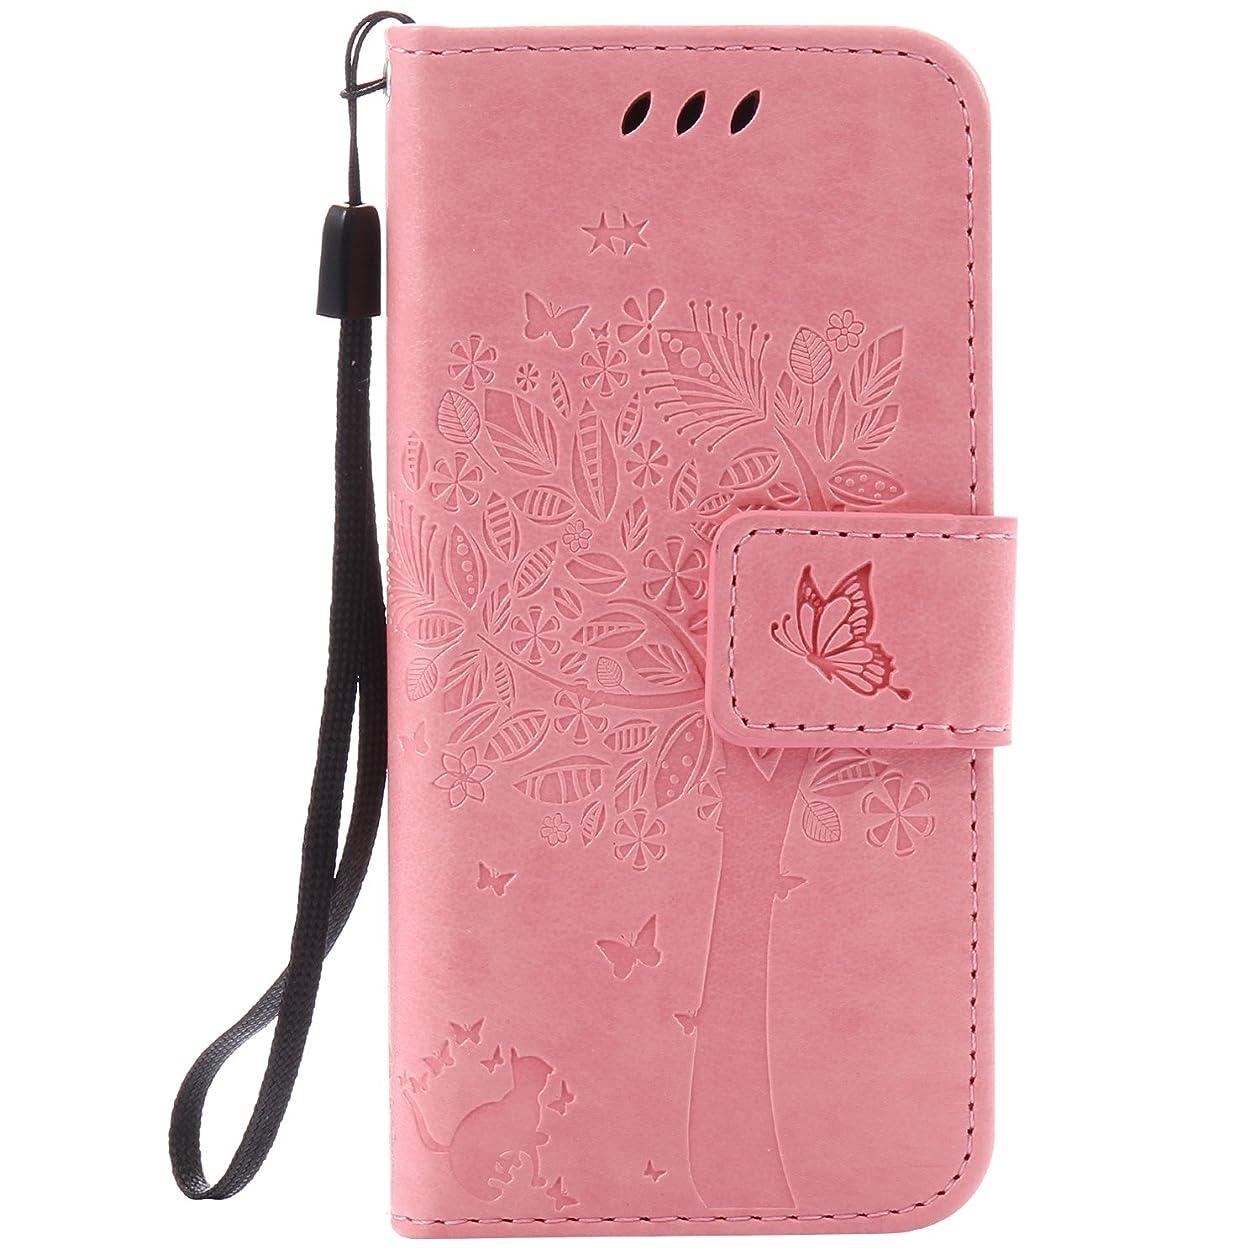 誠意経験的同封するAsng iPod touch 5 ケースiPod Touch 6カバーiPod touch 5ケース 手帳型 PU レザーケース 手帳 ケース カバー スマホケース【選べる10色】型押し柄 スタンド機能付き ストラップ付き 財布型ケース マグネット付き 携帯電話ケース  カード収納 保護ケース 軽量  横置き 耐衝撃  傷つけ防止 装置やすい  脱着やすい (Pink)